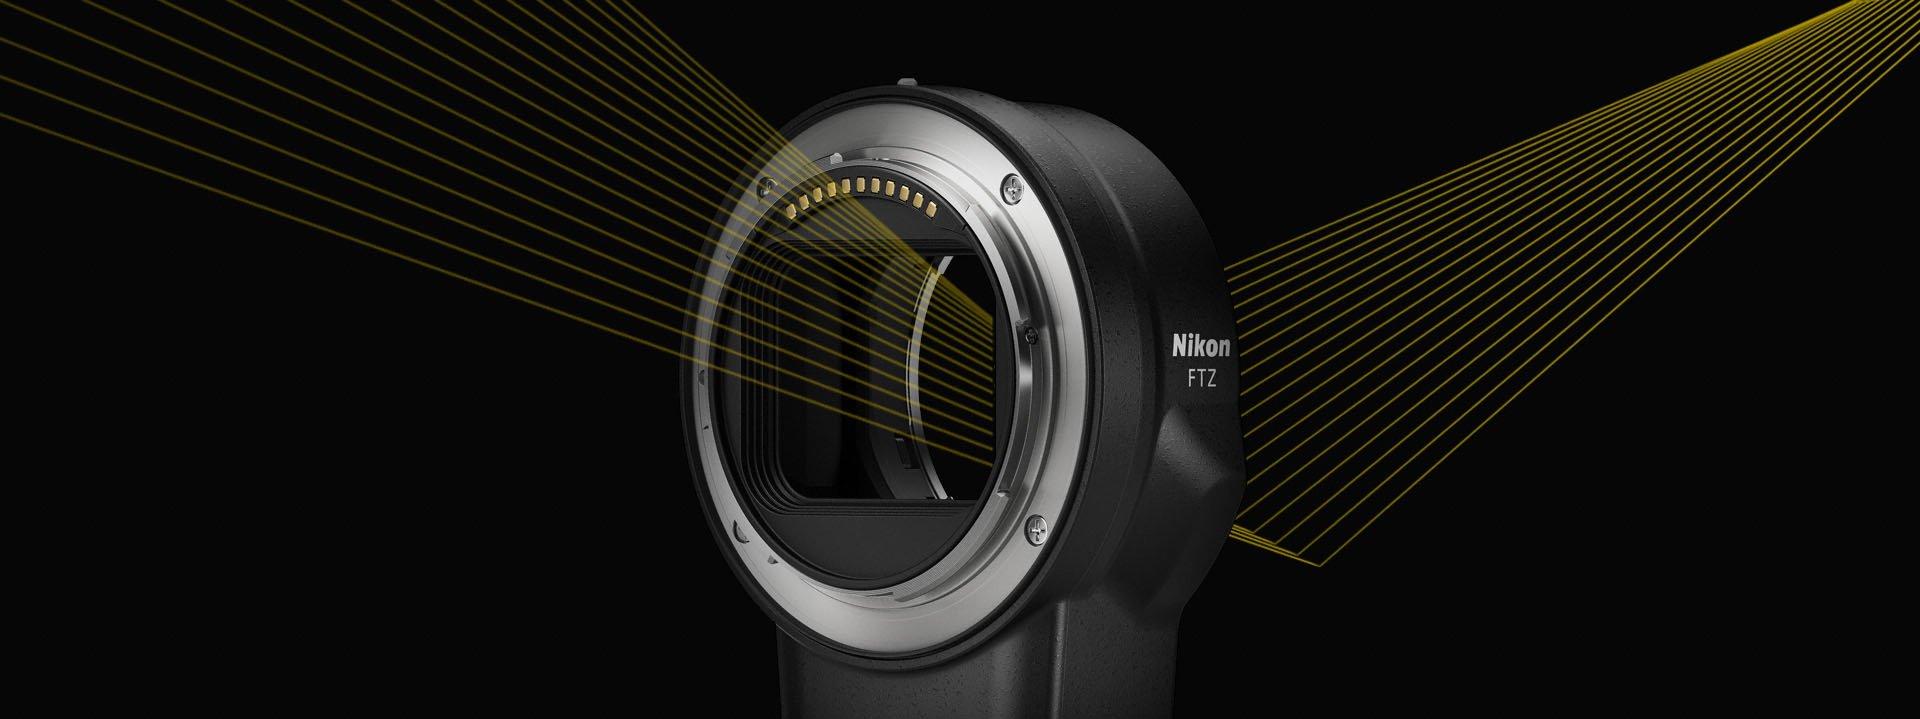 Nikon FTZ.